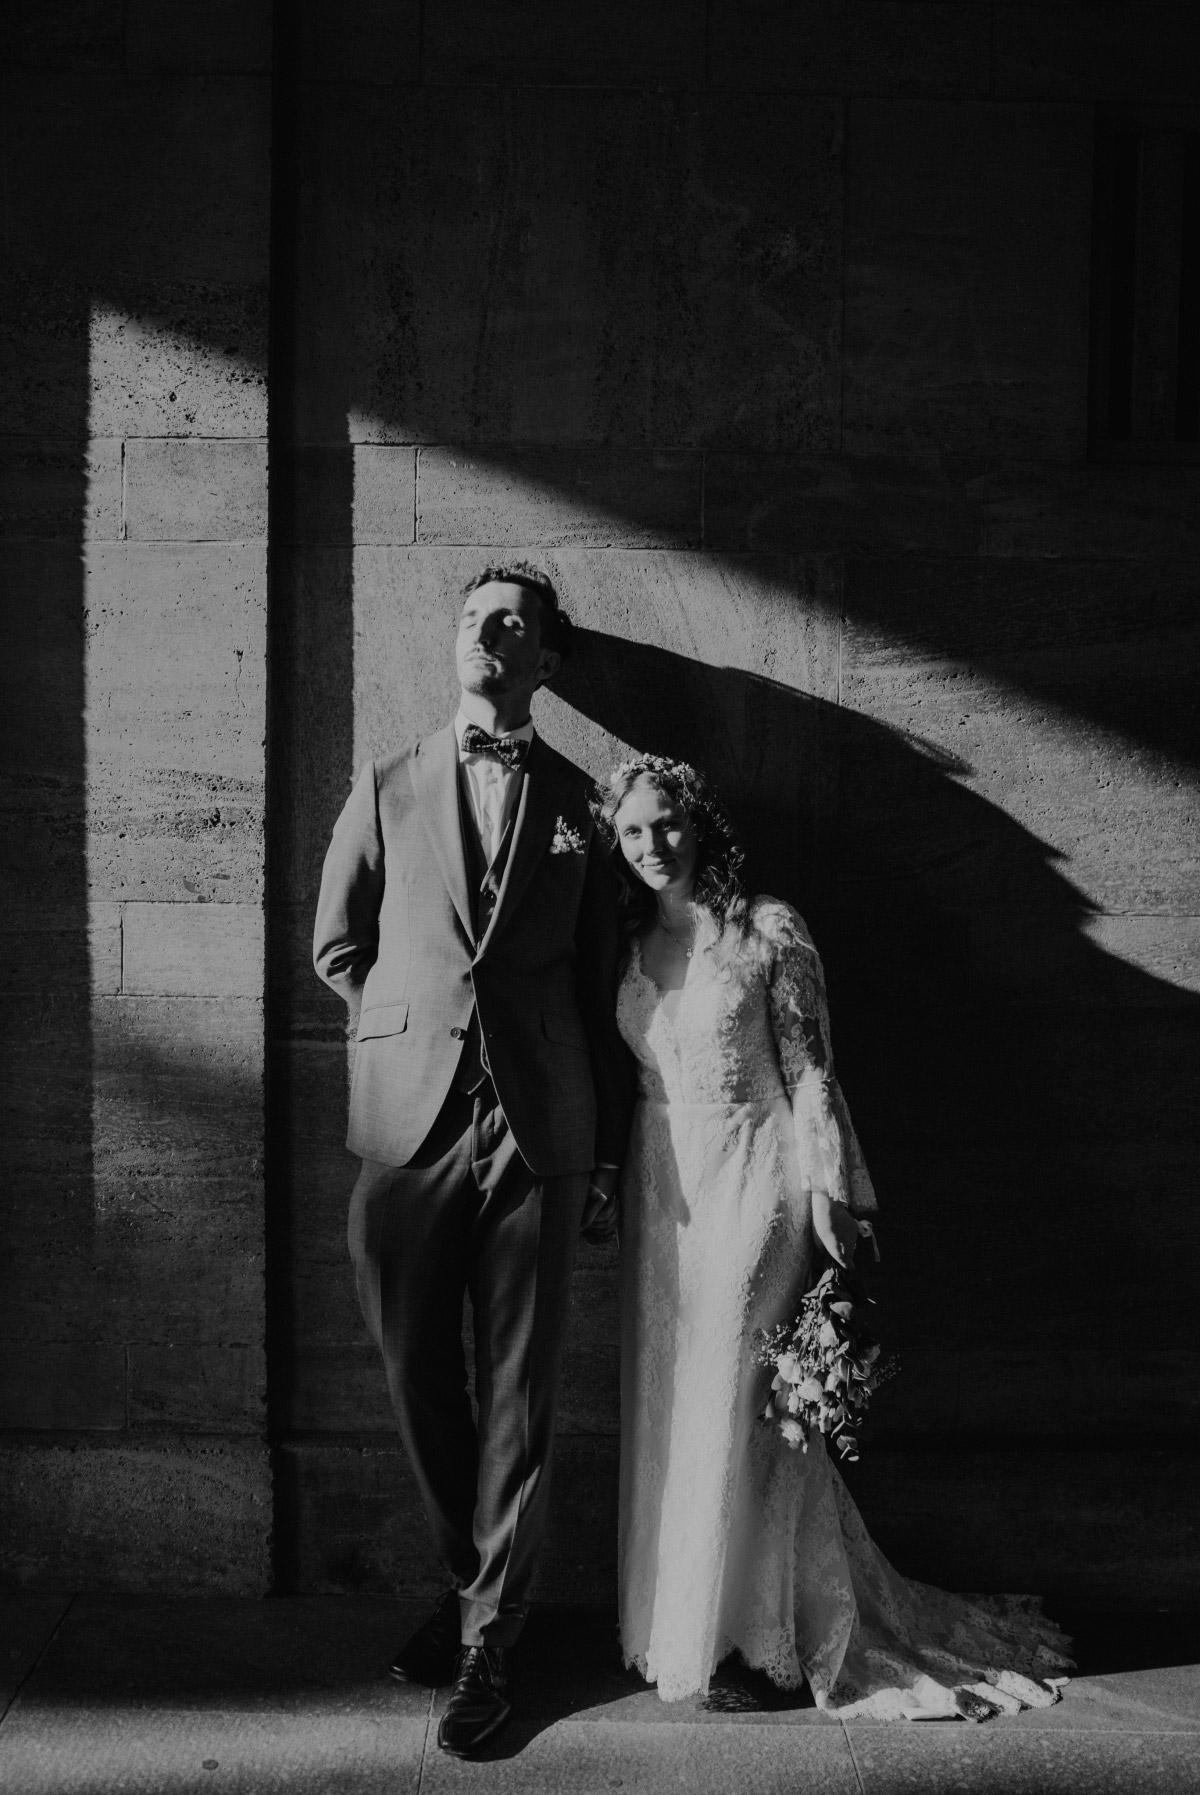 Hochzeitsfotos Ideen Standesamt - Corona Hochzeit im Standesamt Berlin Gärten der Welt Chinesischer Garten - mehr im Blog von Hochzeitsfotografin Berlin © www.hochzeitslicht.de #hochzeitslicht